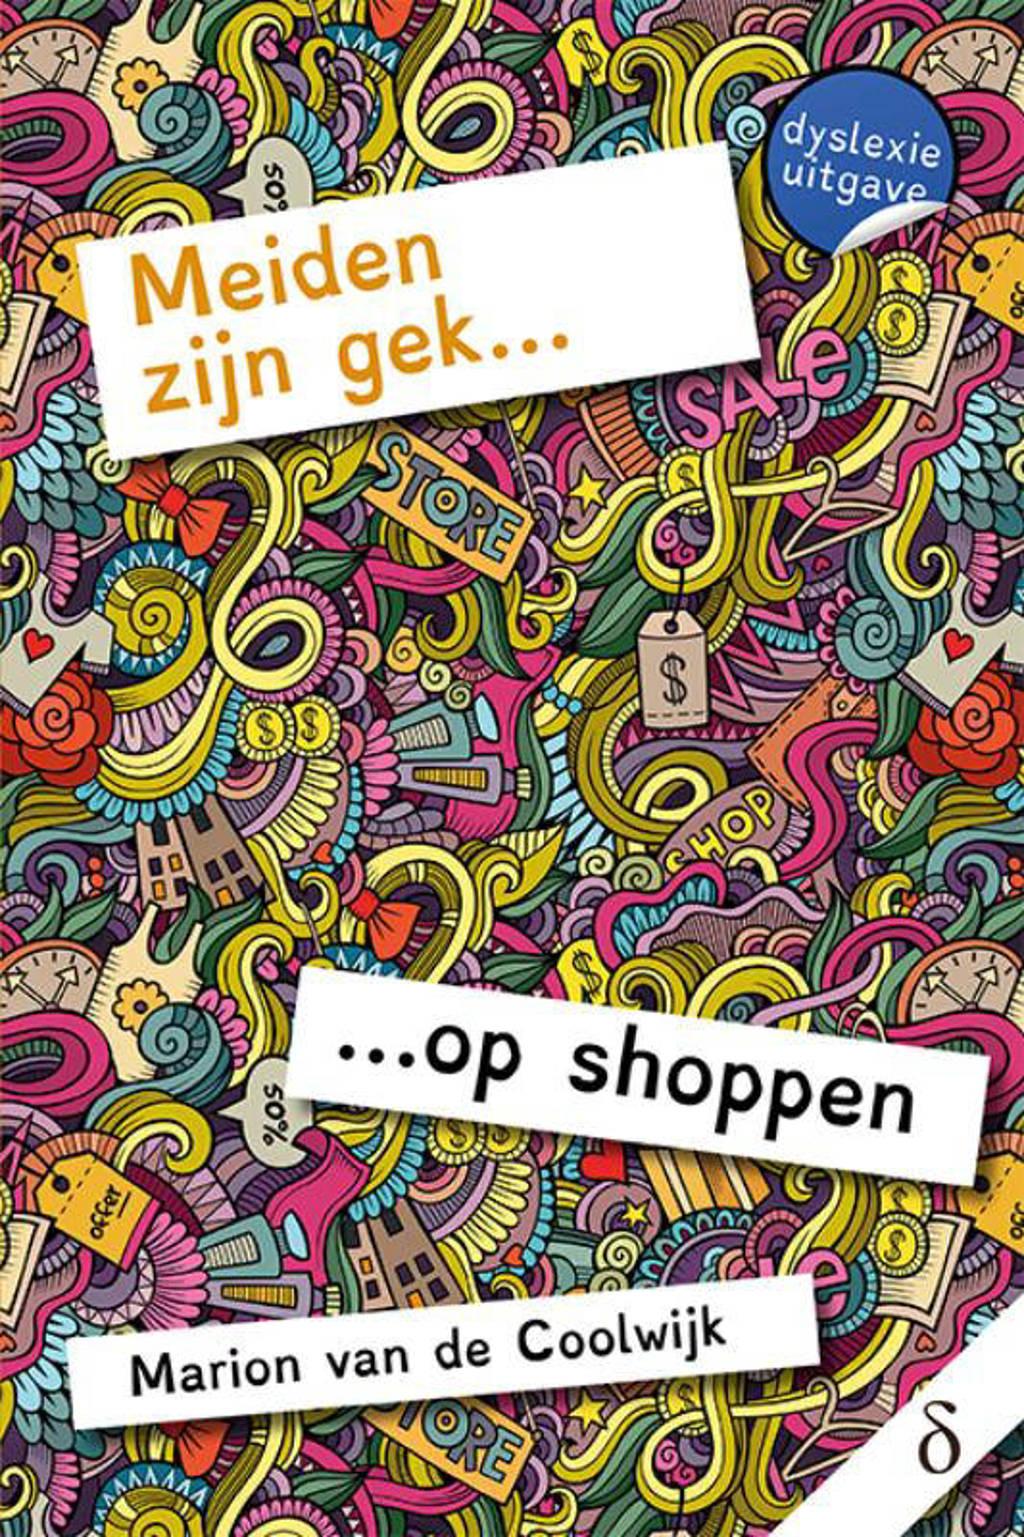 Meiden zijn gek...: Meiden zijn gek... op shoppen - Marion van de Coolwijk